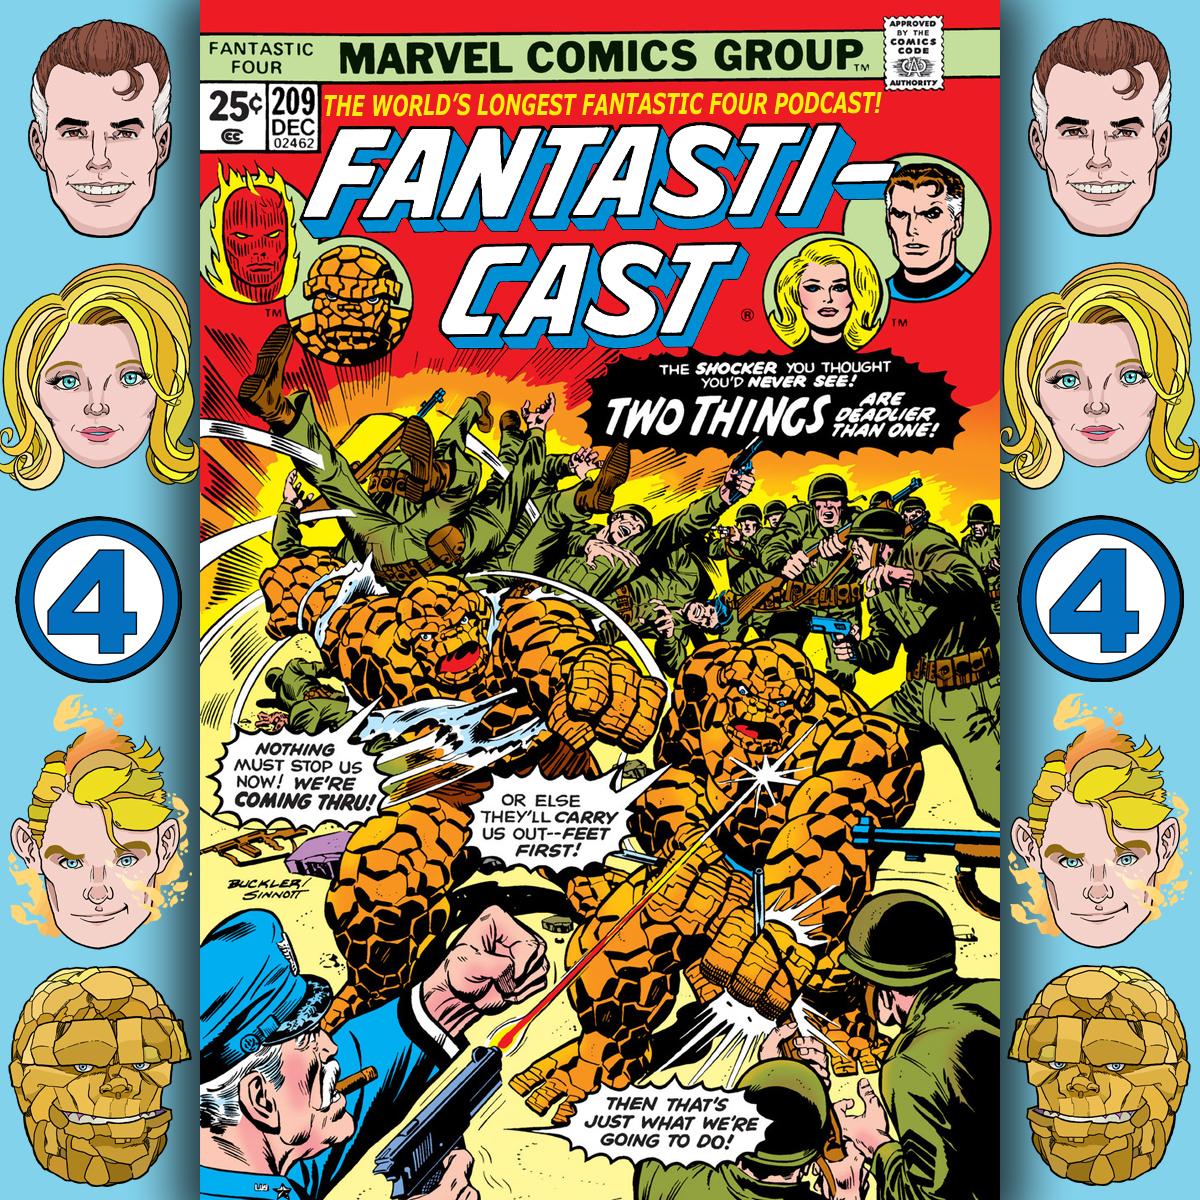 The Fantasticast Episode 209